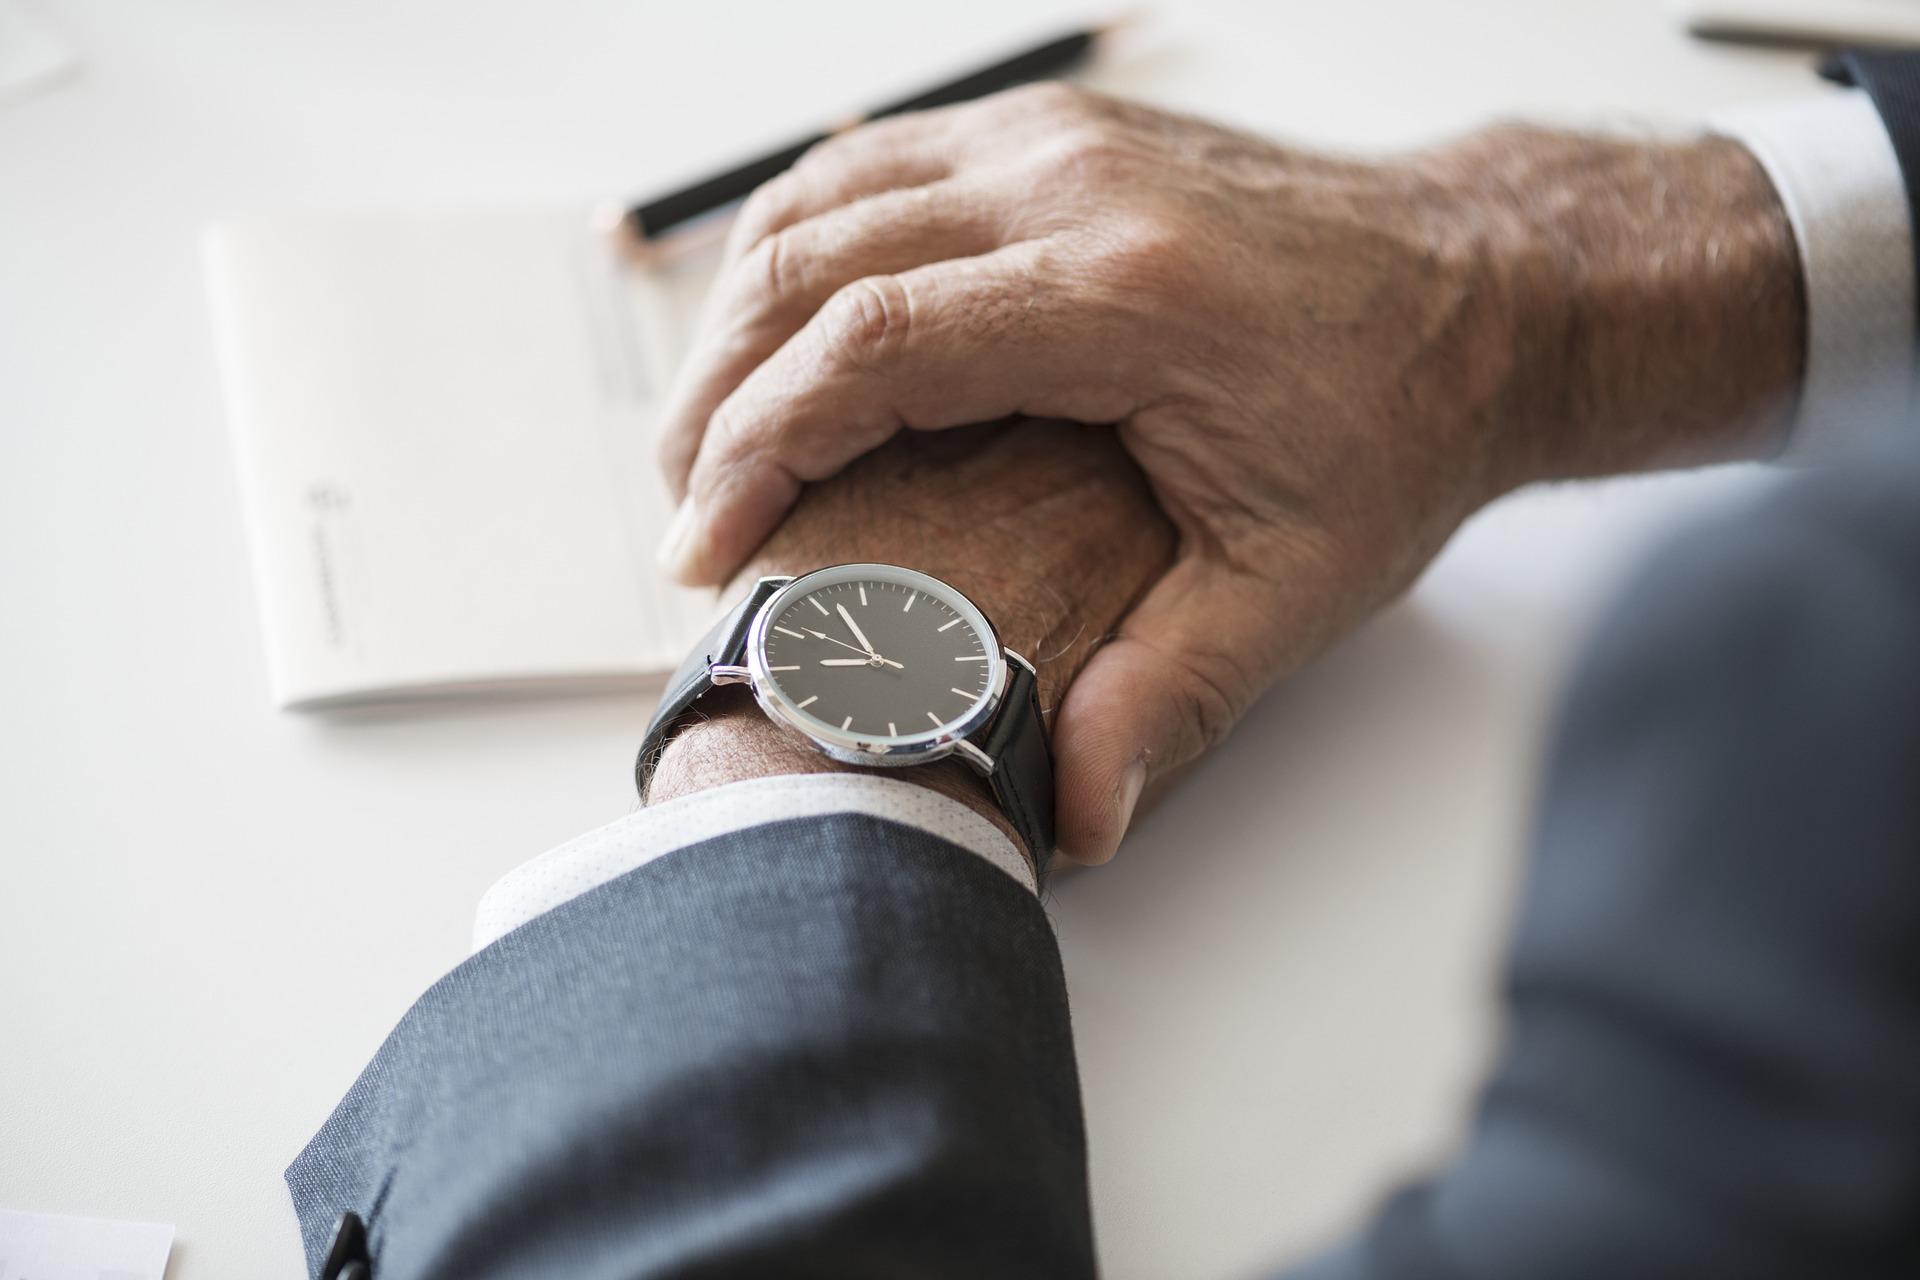 Relógio Masculino 2000 reais